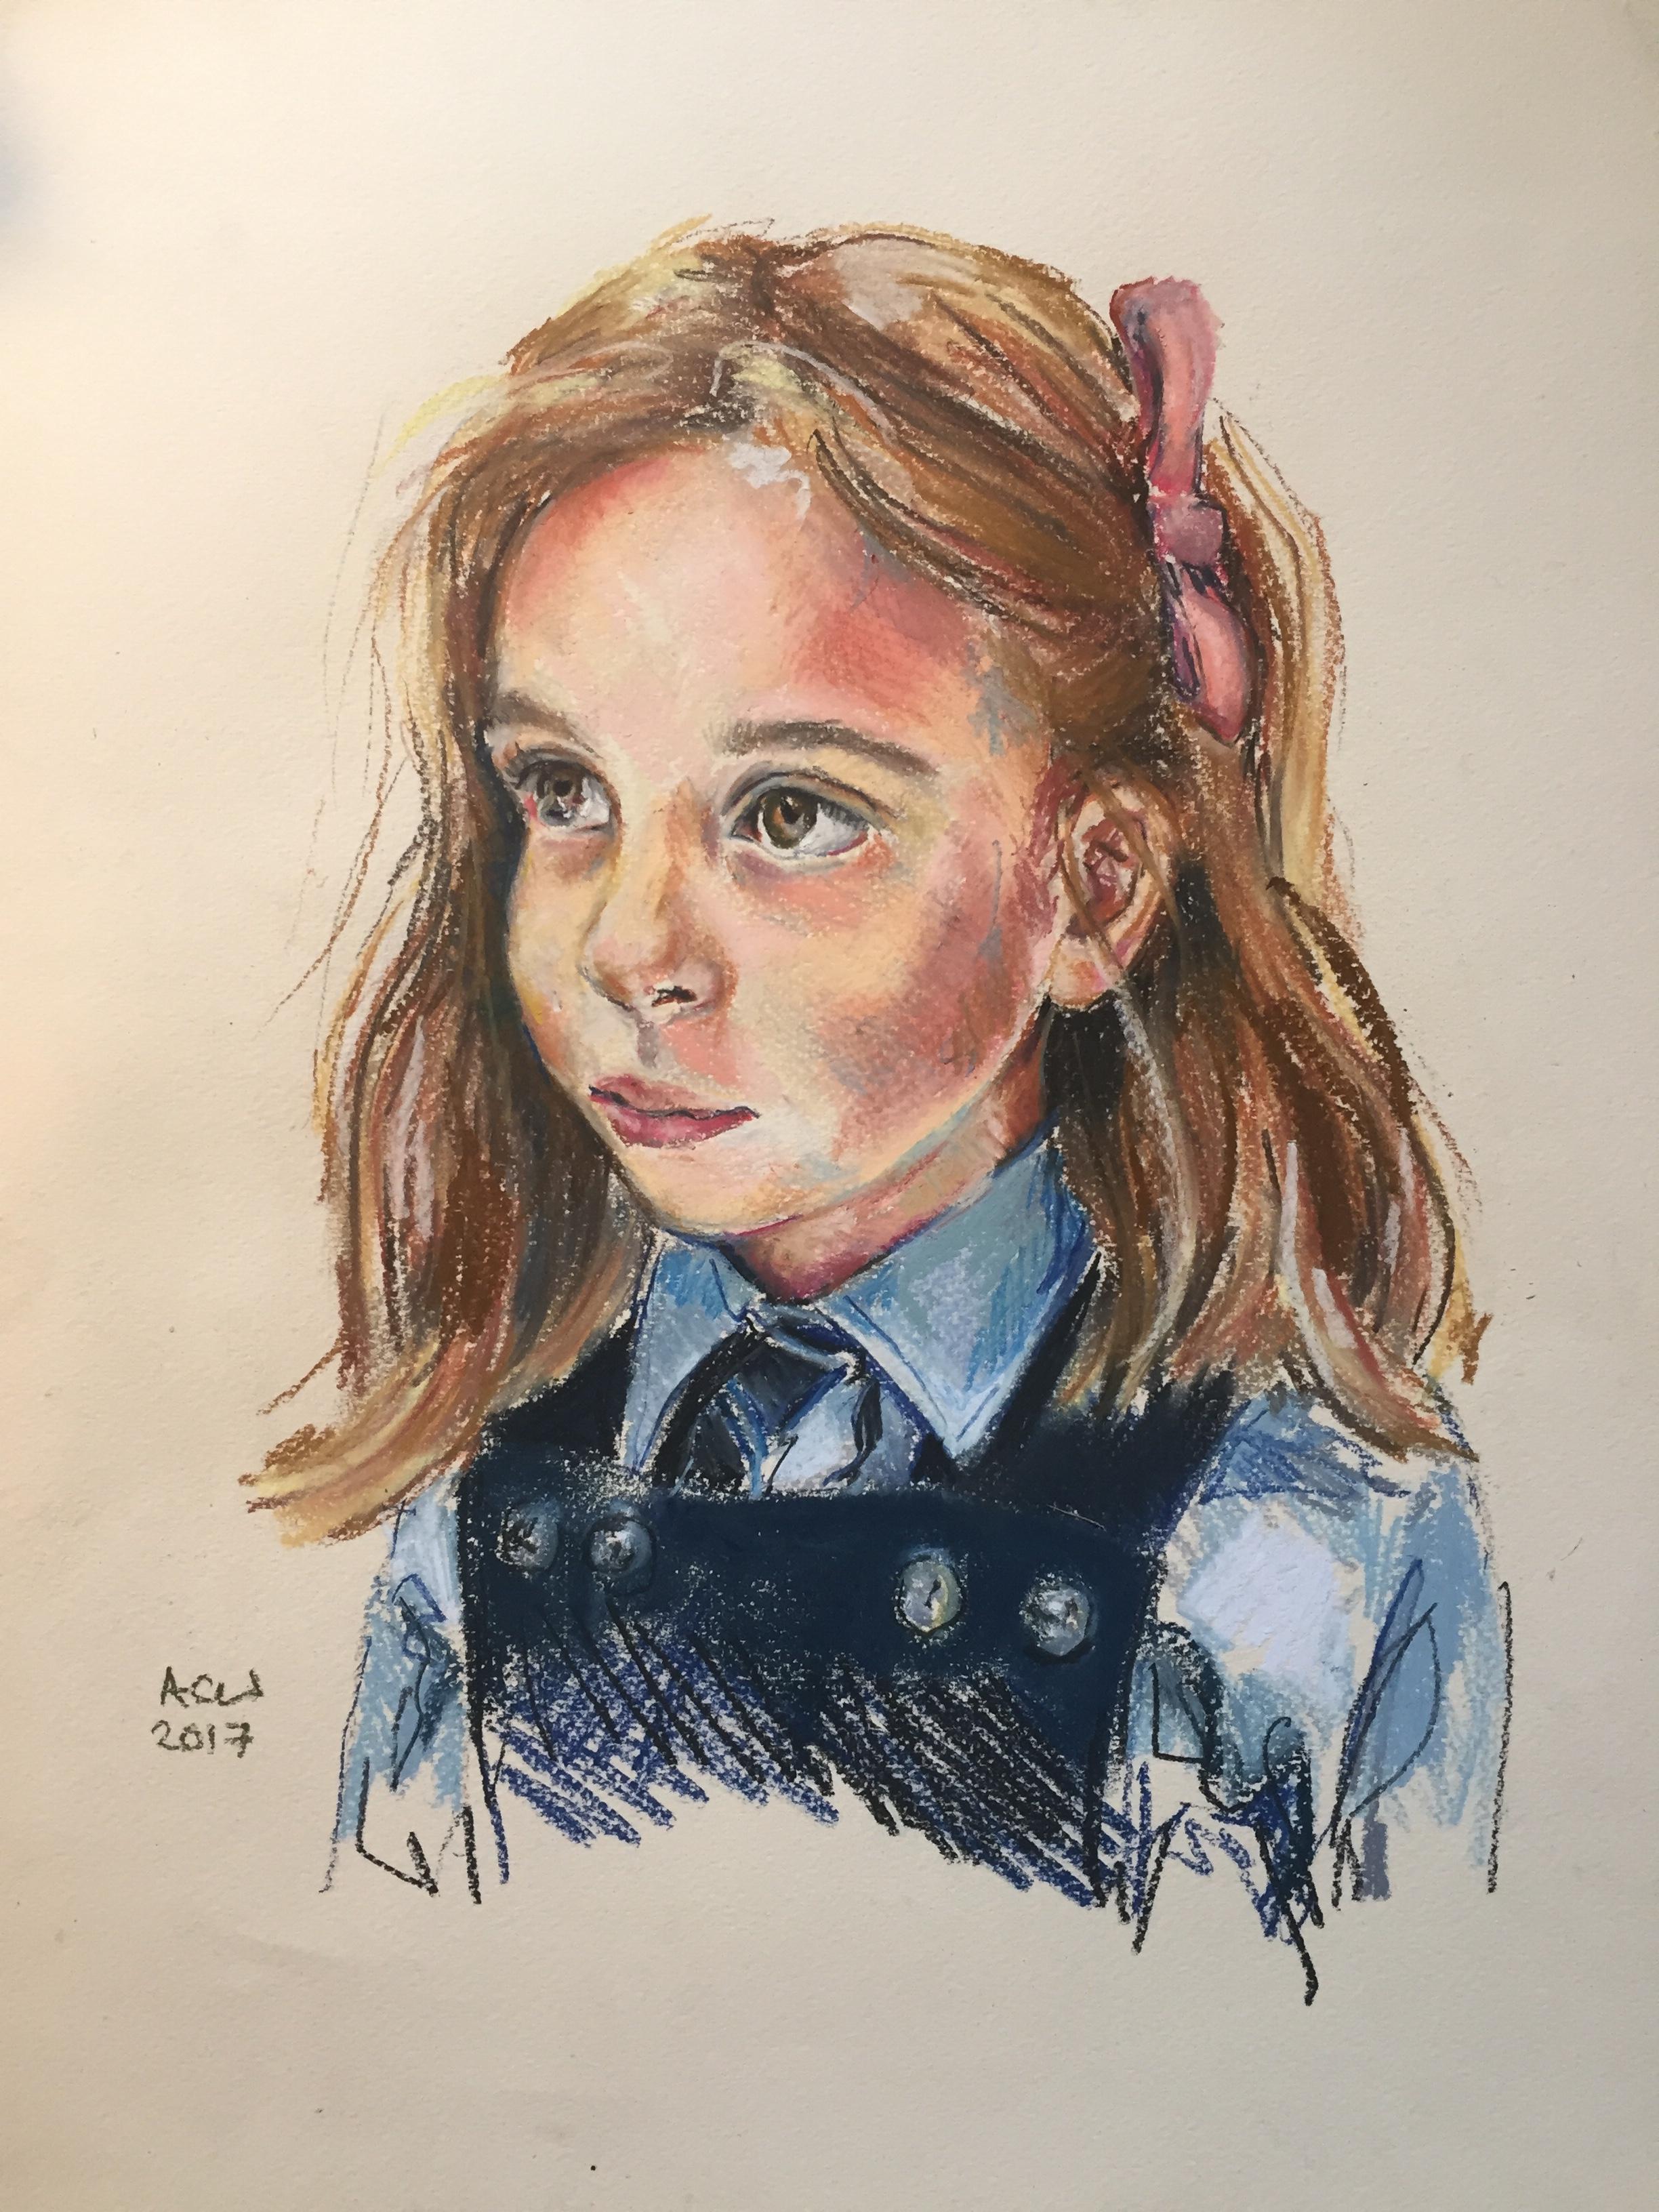 Clementine aged 7 pastel.jpg